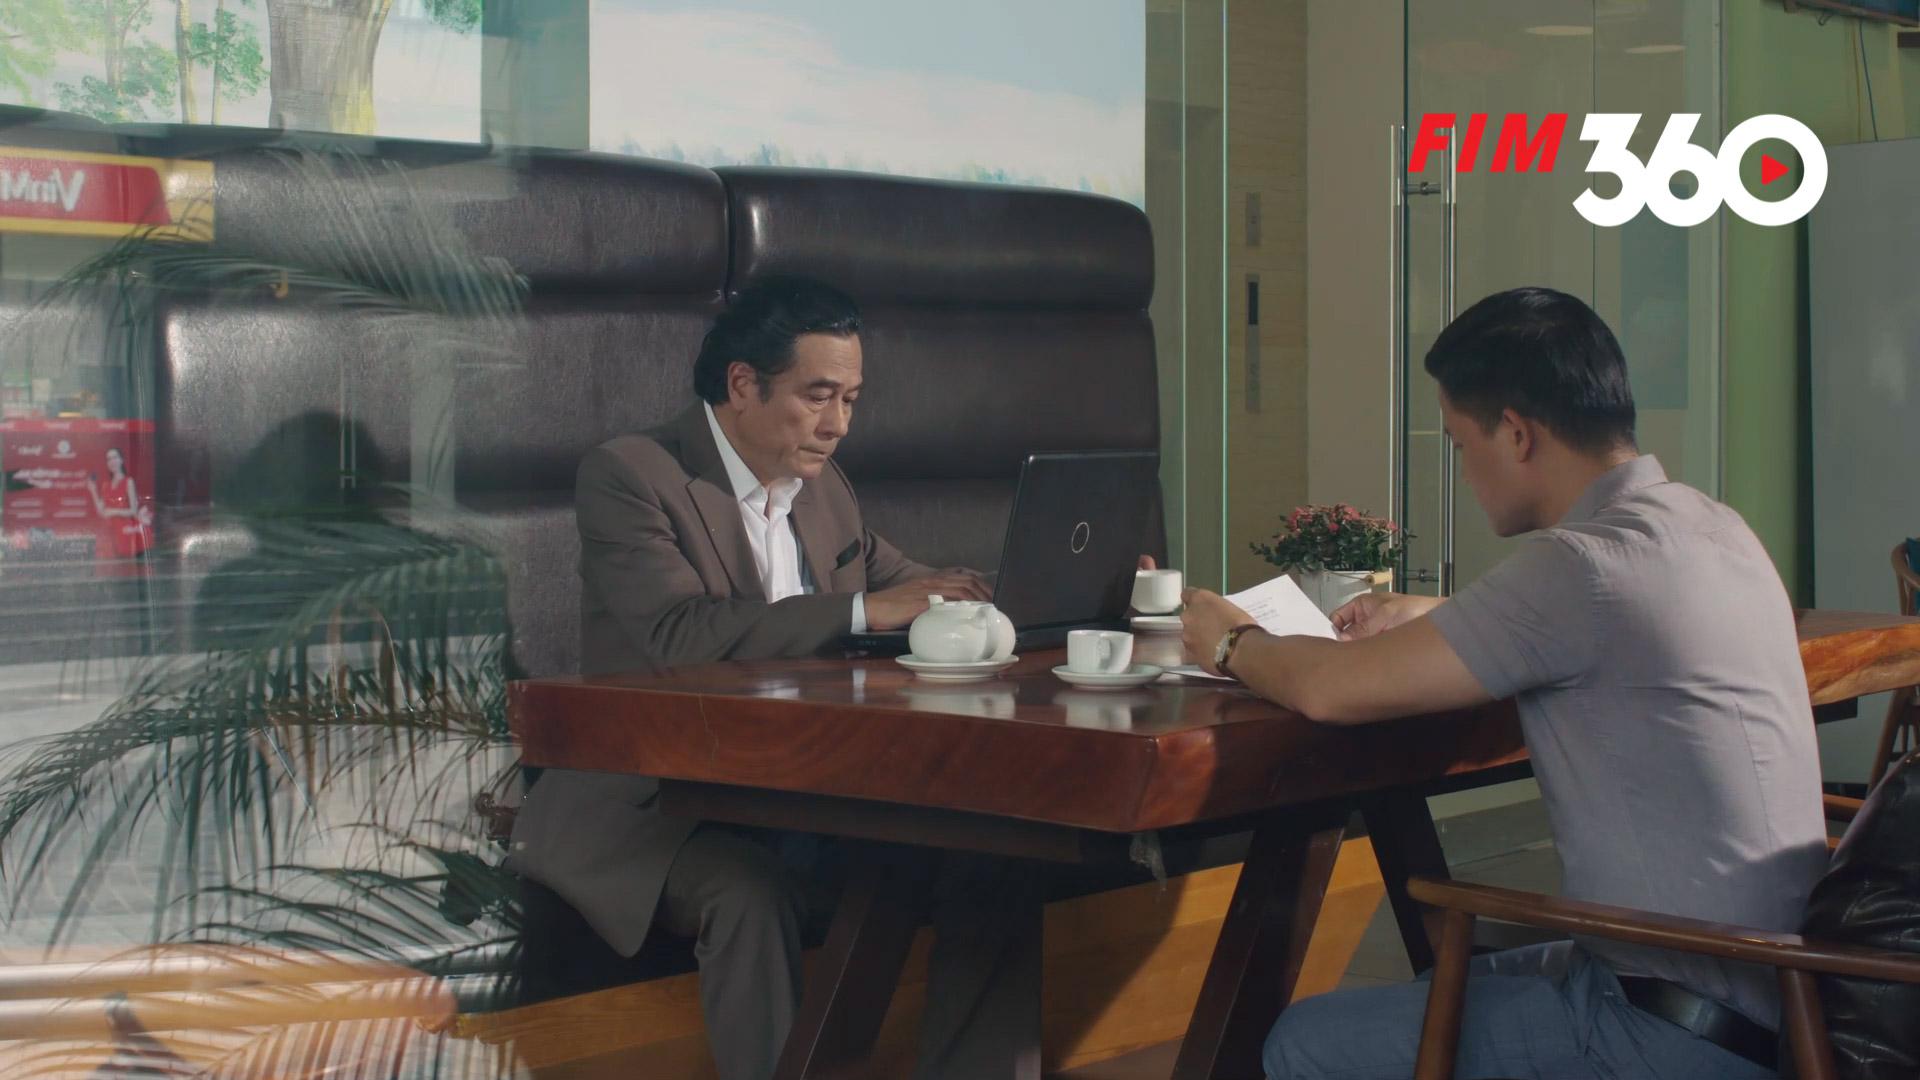 Ông Huấn bắt gặp cảnh ông Tôn làm việc tại quán cà phê sau khi mất chức.